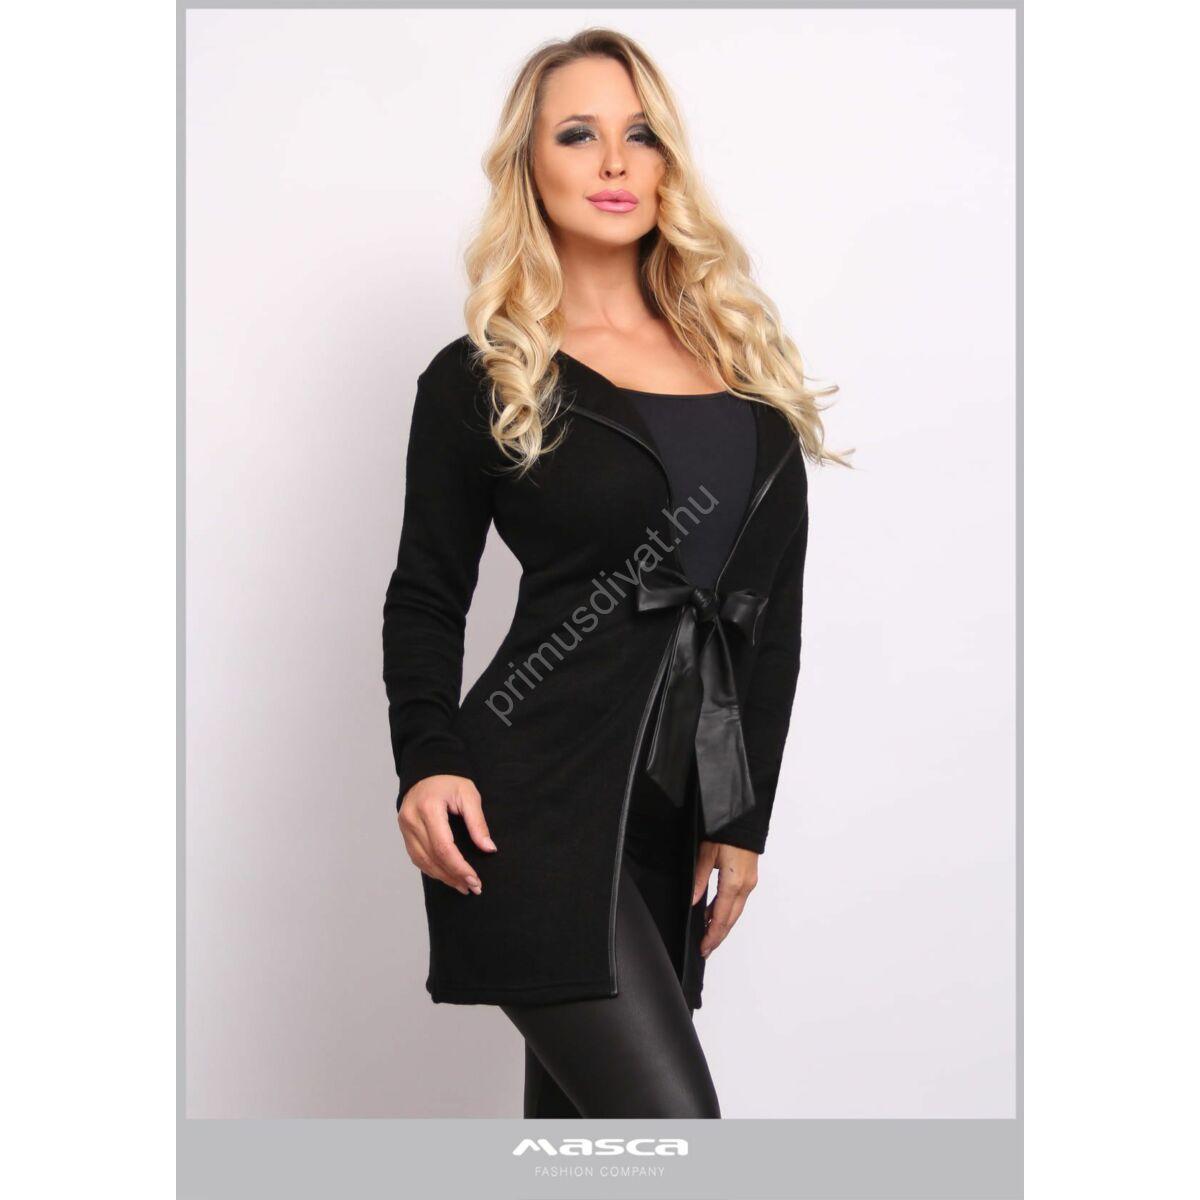 Masca Fashion fekete műbőr szegélyes kihajtós galléros, megkötős elejű rugalmas kötött fekete kardigán